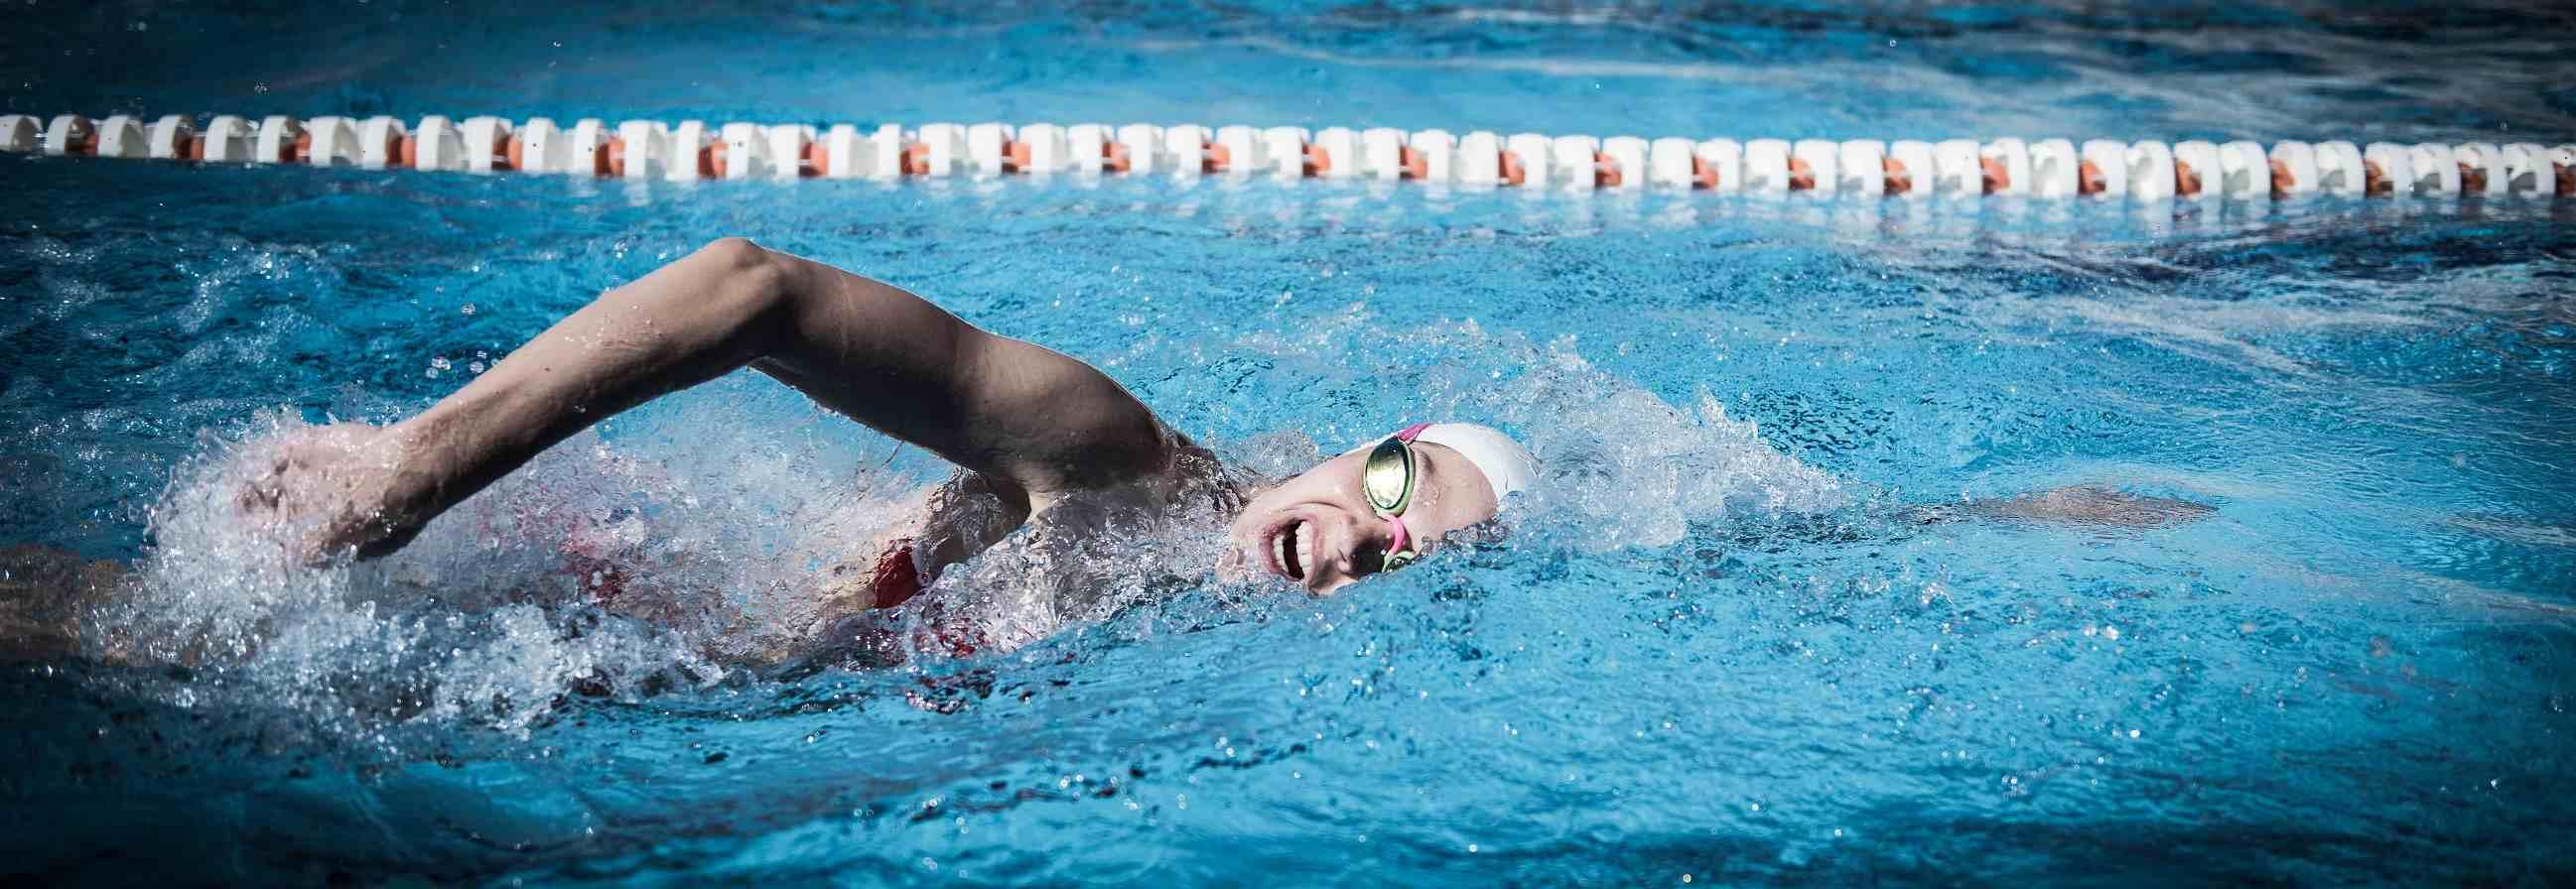 Kraulschwimmen: 2er-Atmung, 3er-Atmung, keine Atmung?